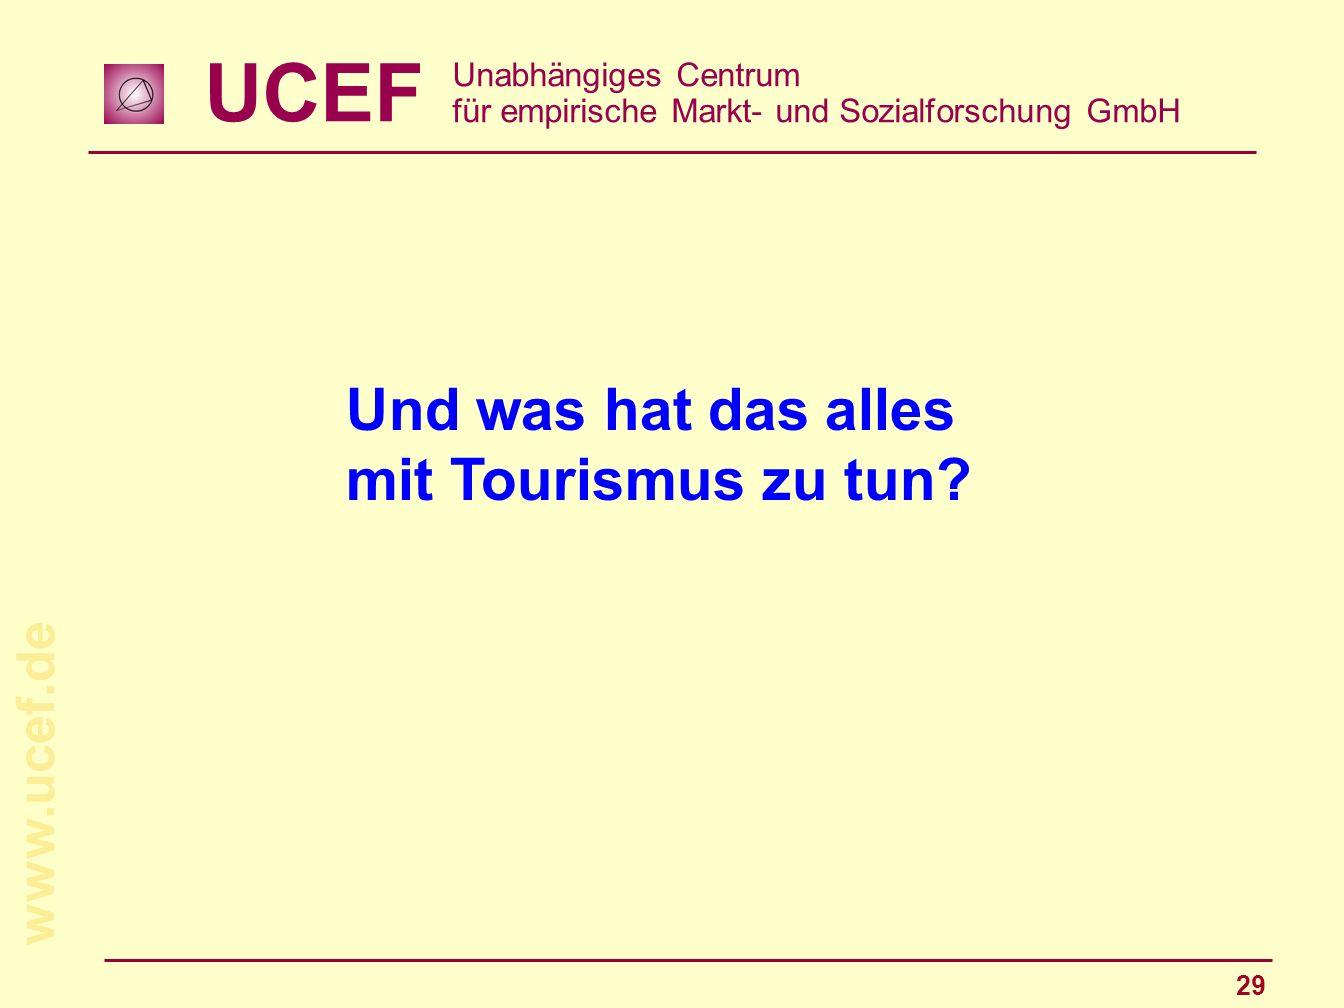 UCEF Unabhängiges Centrum für empirische Markt- und Sozialforschung GmbH www.ucef.de 29 Und was hat das alles mit Tourismus zu tun?